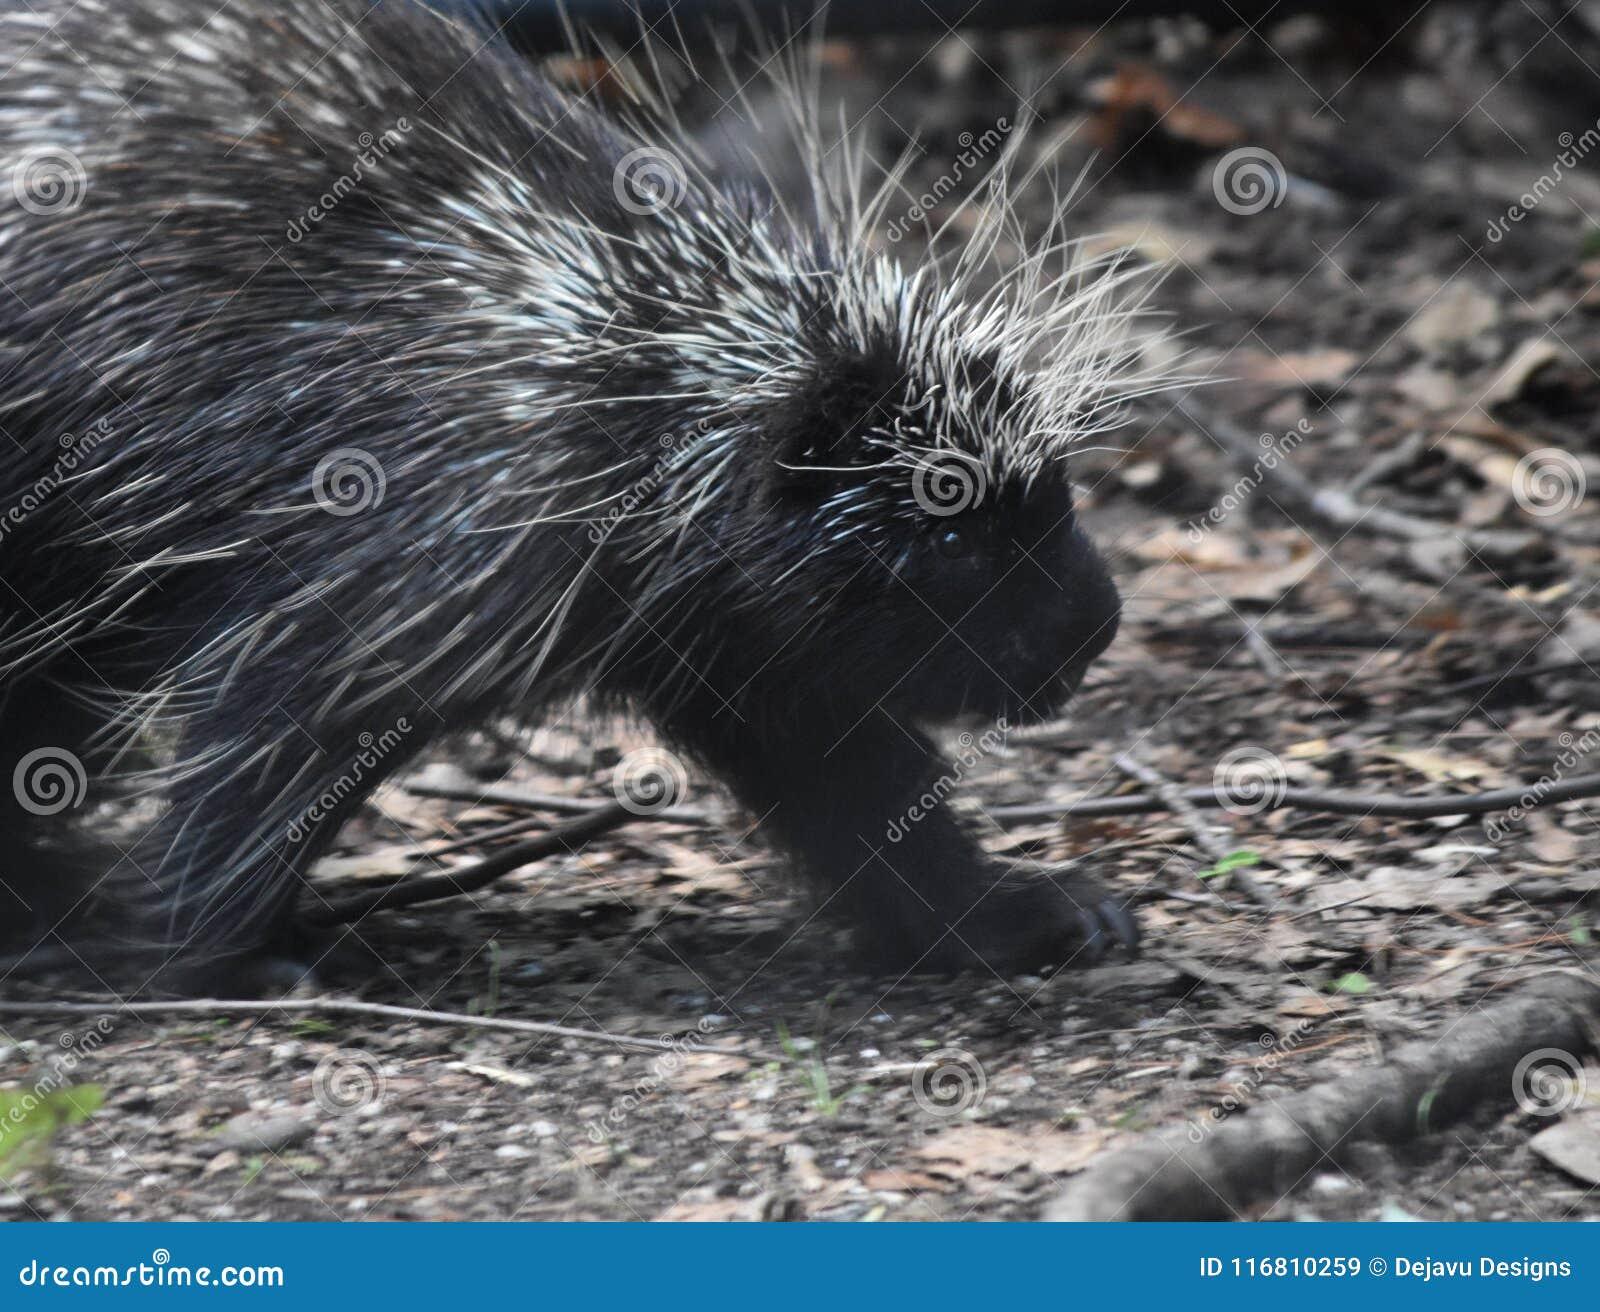 Critter sveglio dall America settentrionale con le spolette spinose